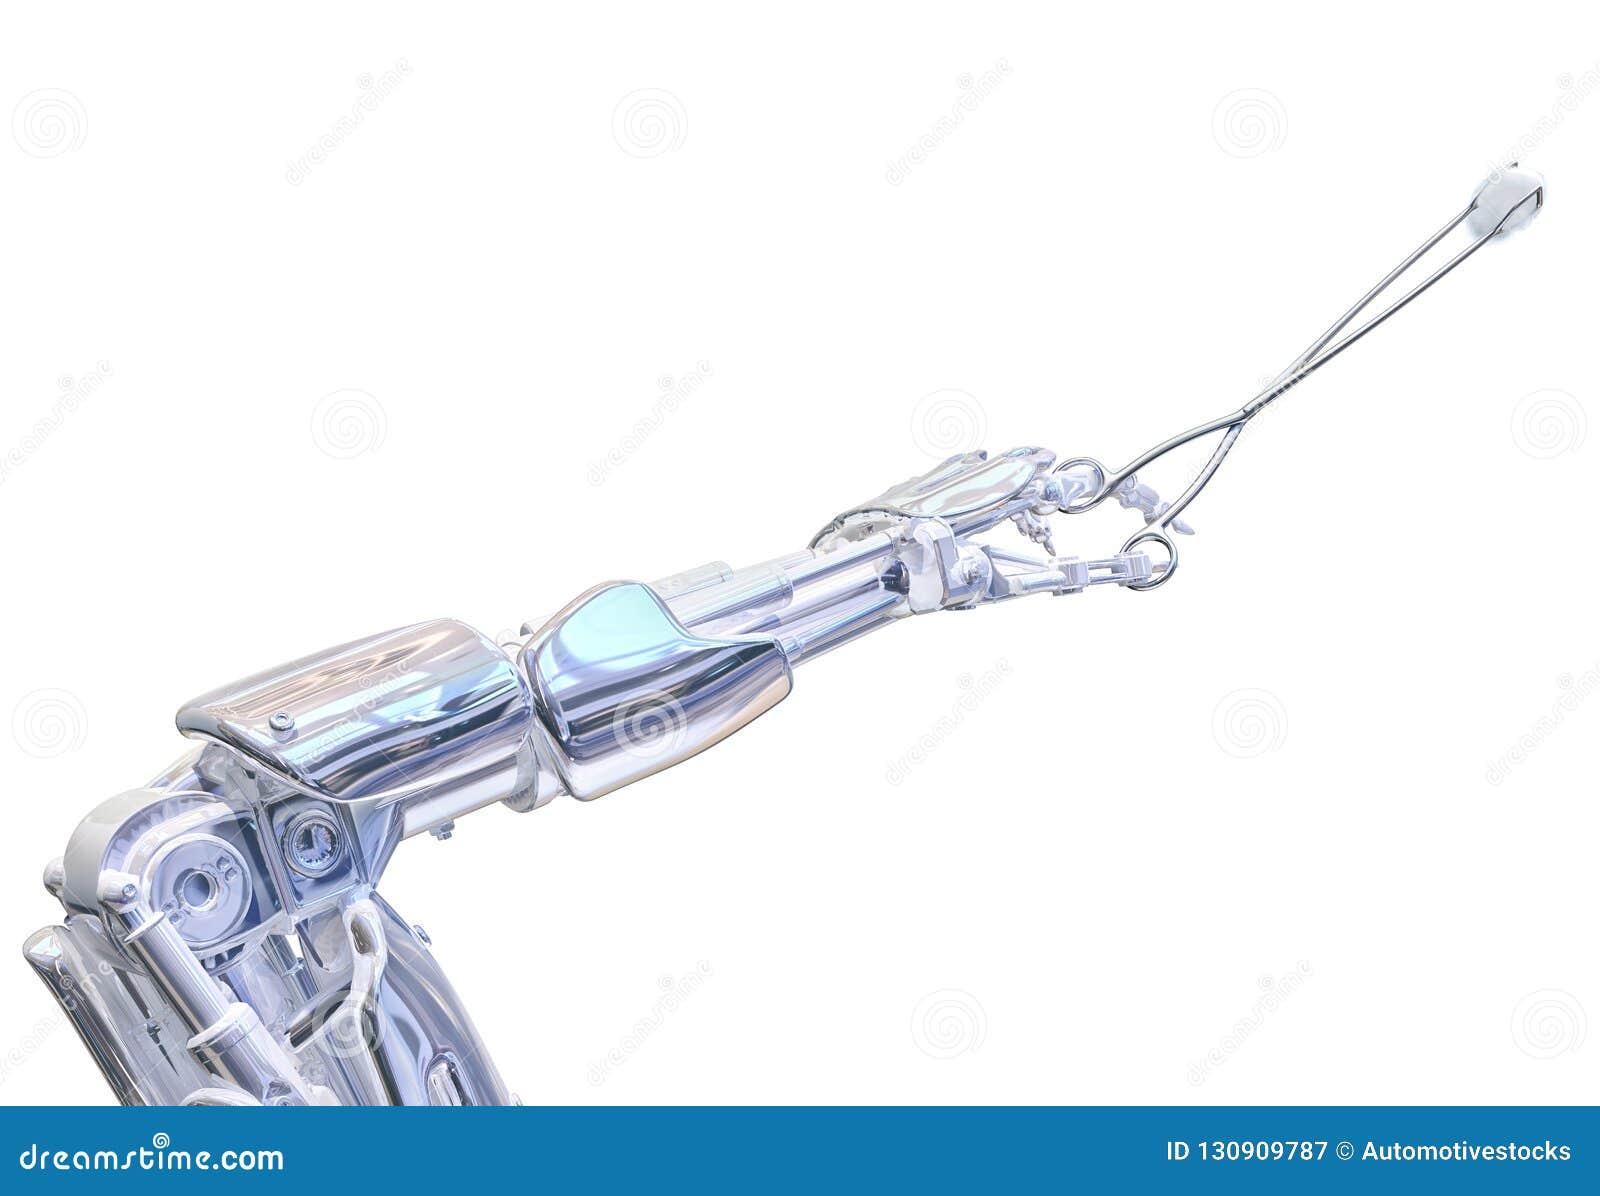 Λαβίδες εκμετάλλευσης χεριών χειρούργων ρομπότ Μελλοντική ρομποτική έννοια χειρουργικών επεμβάσεων τρισδιάστατη απεικόνιση